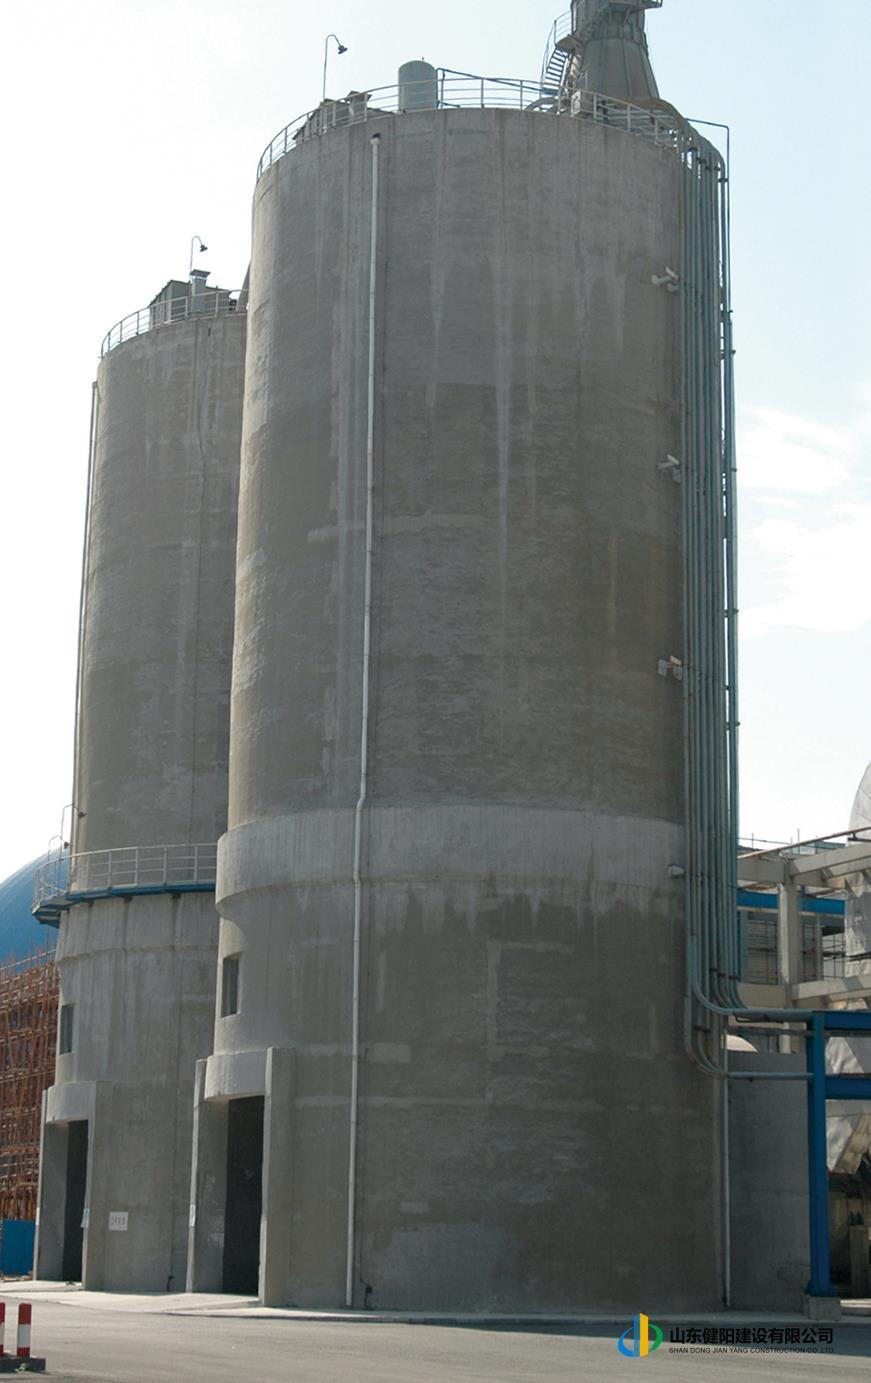 11齊魯石化熱電廠動力鍋爐煙氣脫硫系統